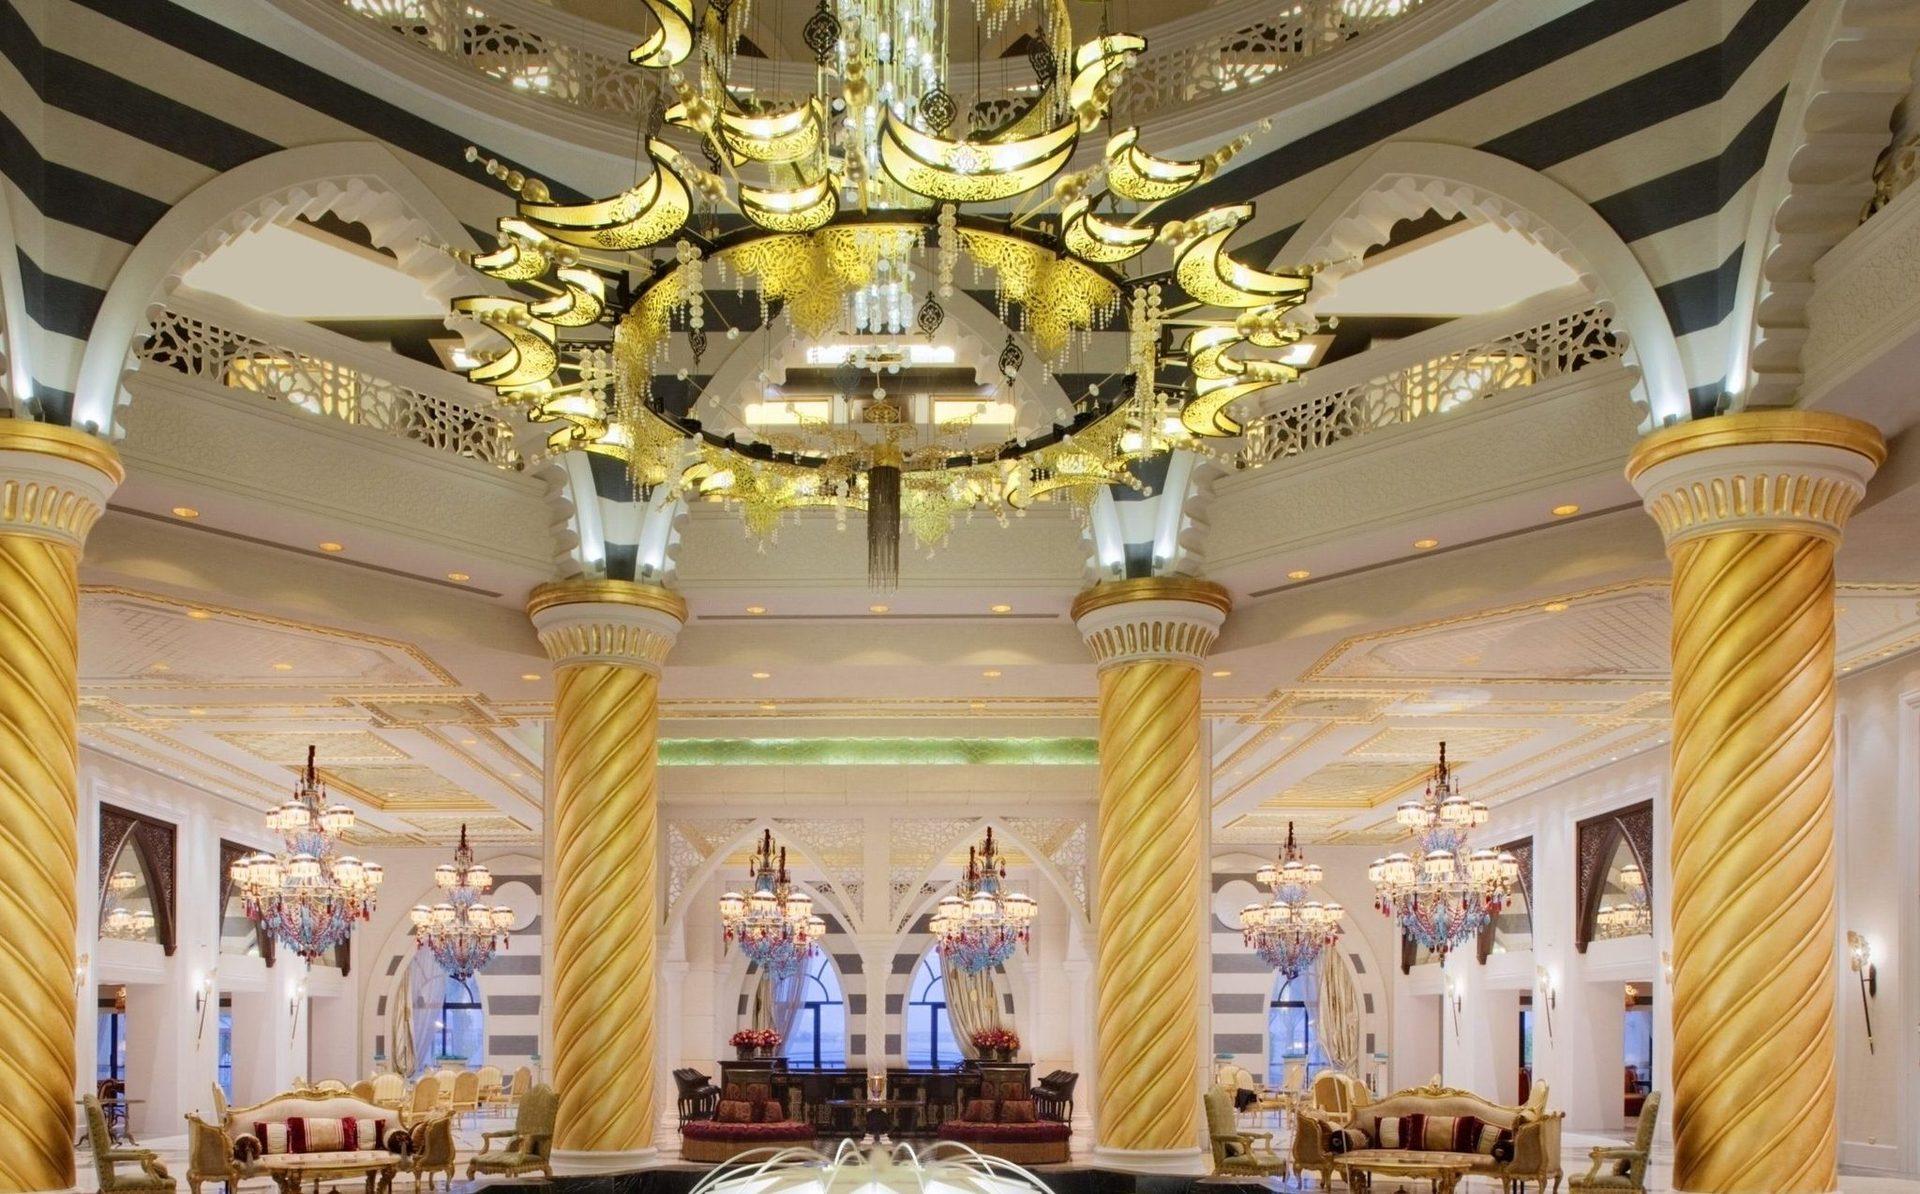 Впечатляющая люстра в главном холле, подвешенная над фонтаном, является одним из 165 элементов, которые освещают интерьеры отеля. Каждый из них является репродукцией произведений, которые украшают дворцы Долмабахче и Топкапы в Стамбуле.